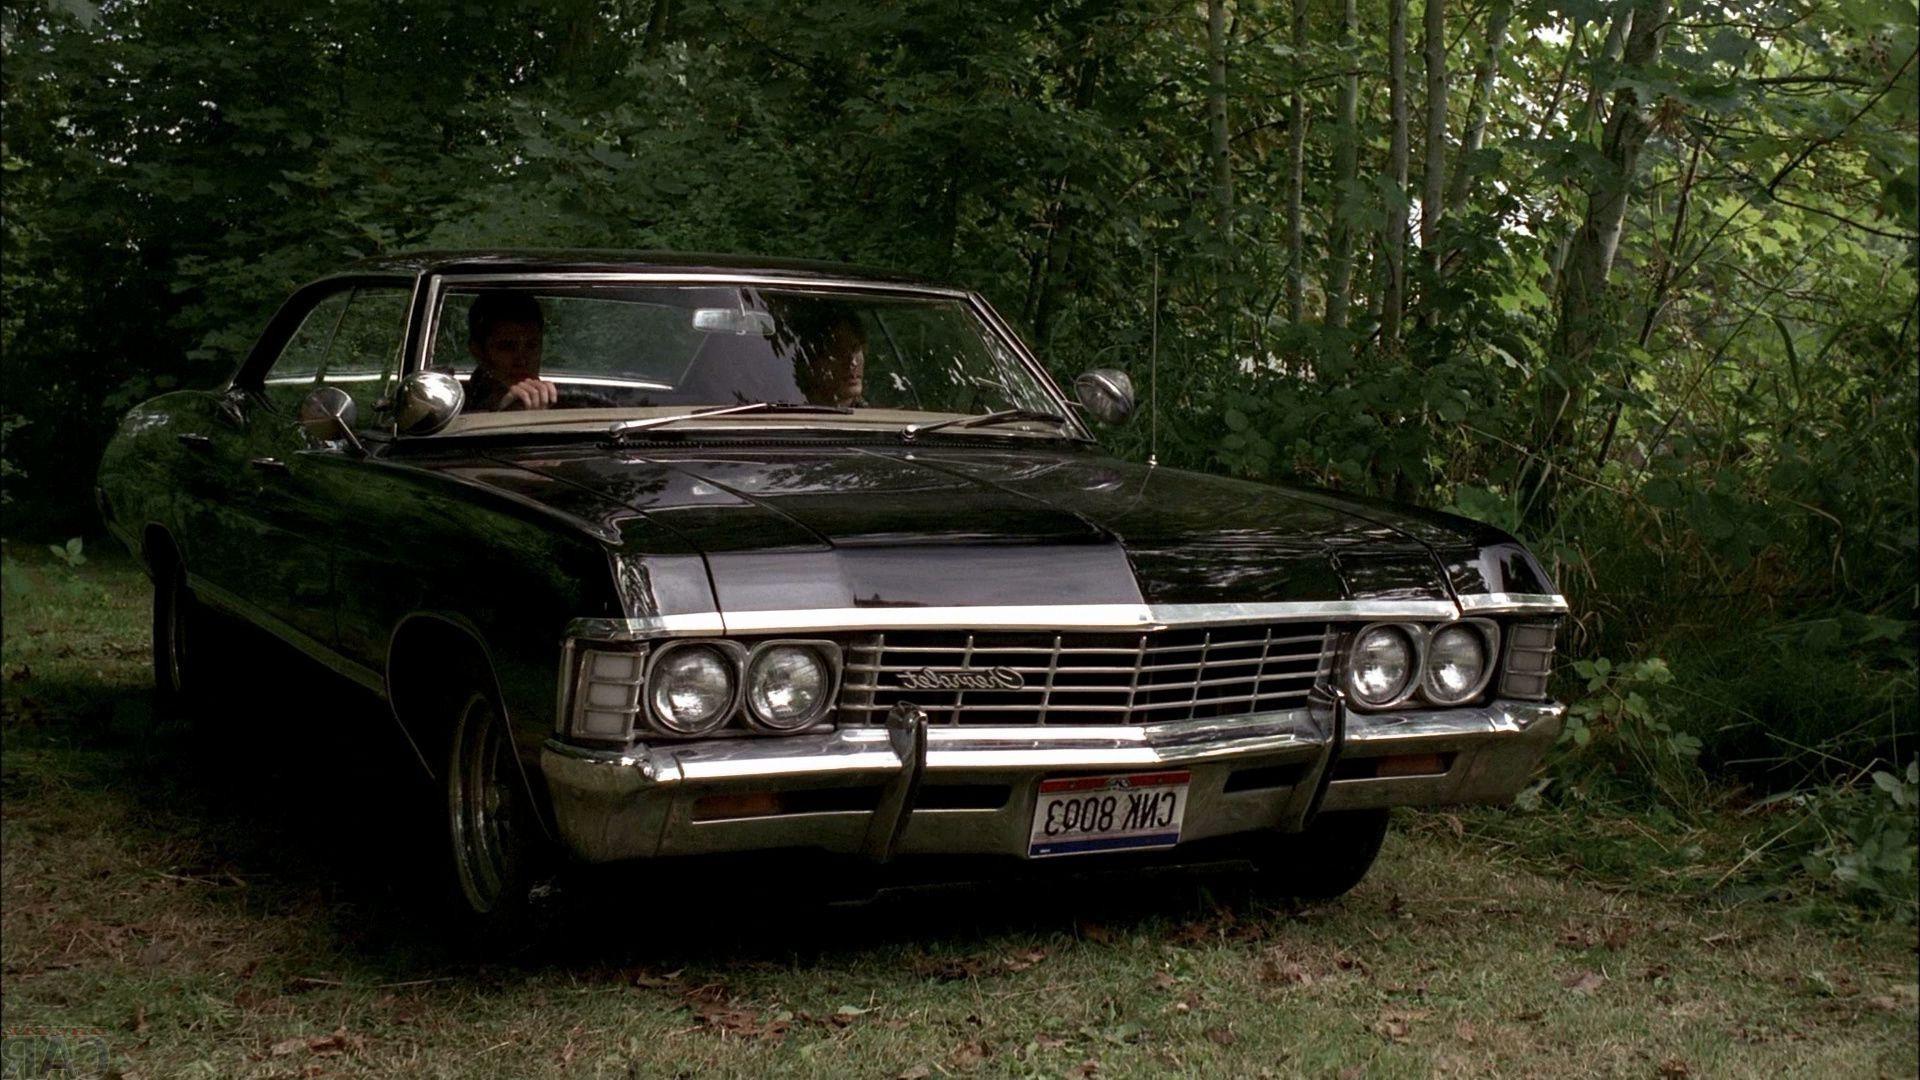 Supernatural Impala Wallpaper Hd Chevrolet Automotif Photo Wallpaper .